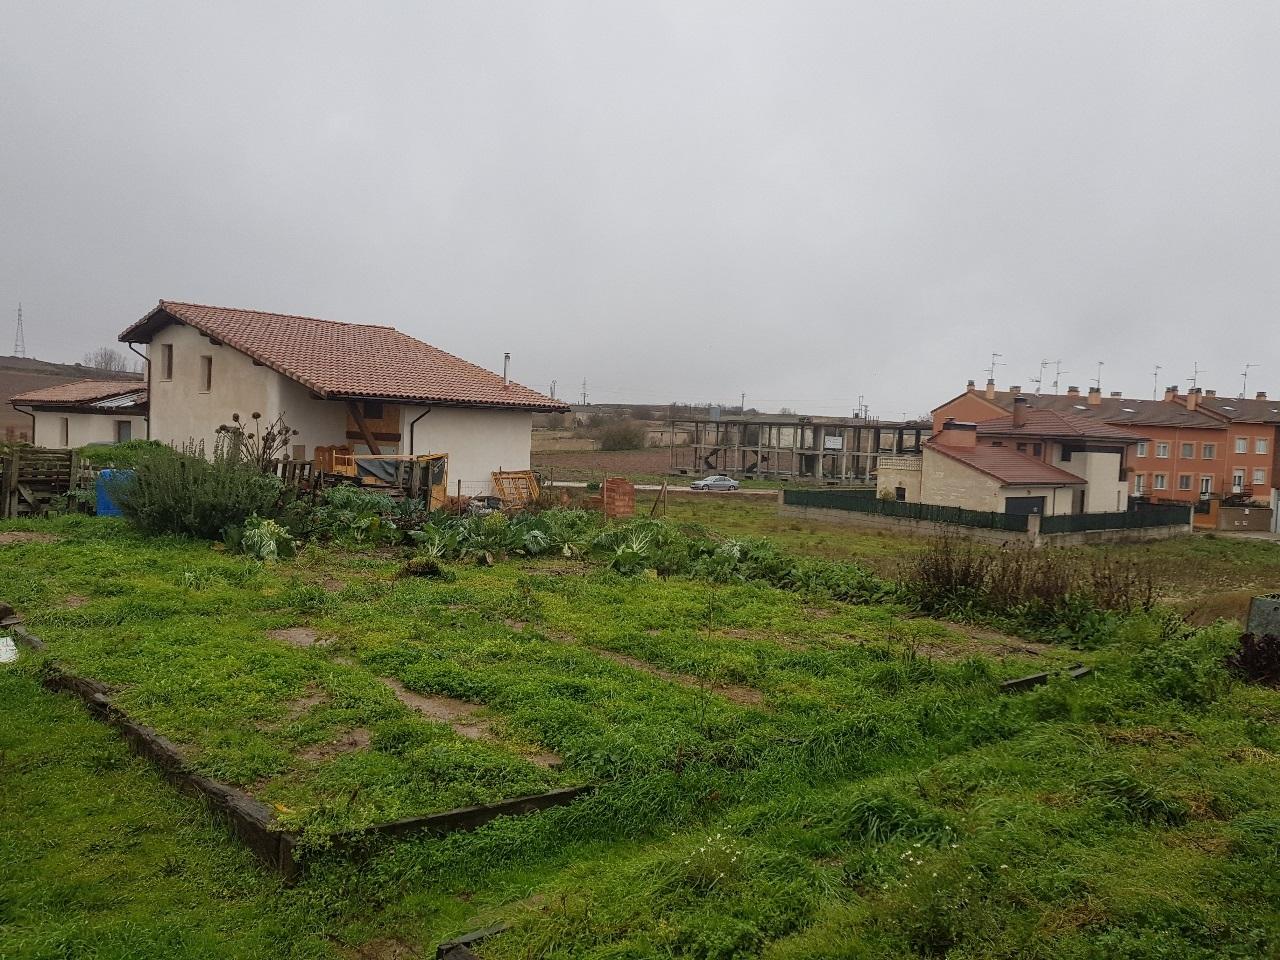 -eu-west-1.amazonaws.com/mobilia/Portals/inmoatrio/Images/6364/3971479